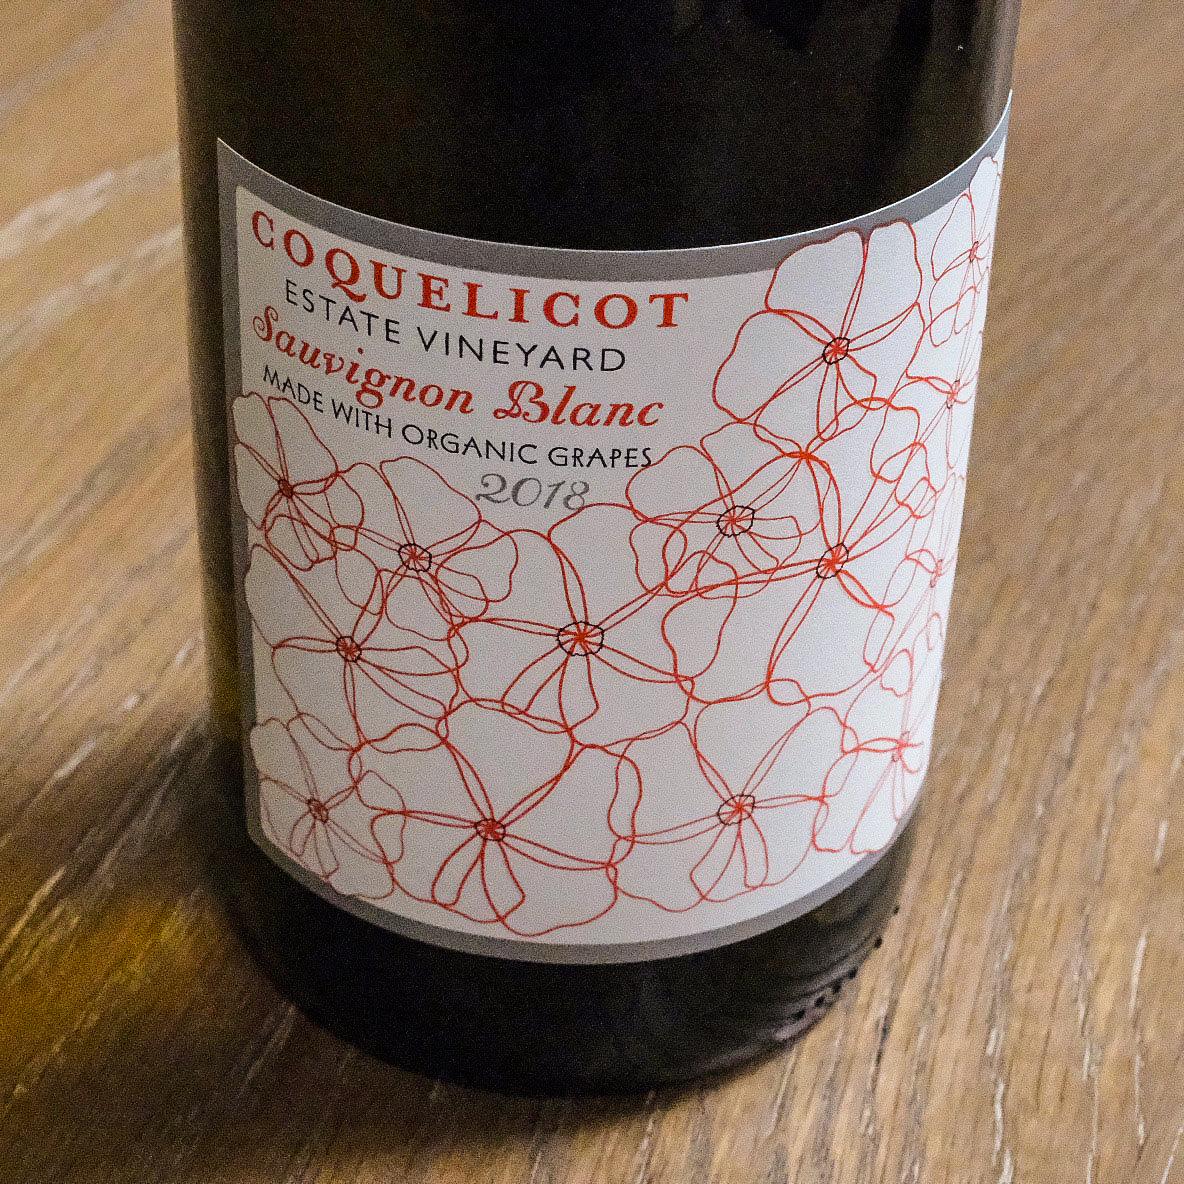 Bottle of Sauvignon Blanc - Coquelicot Estate, Santa Ynez, CA